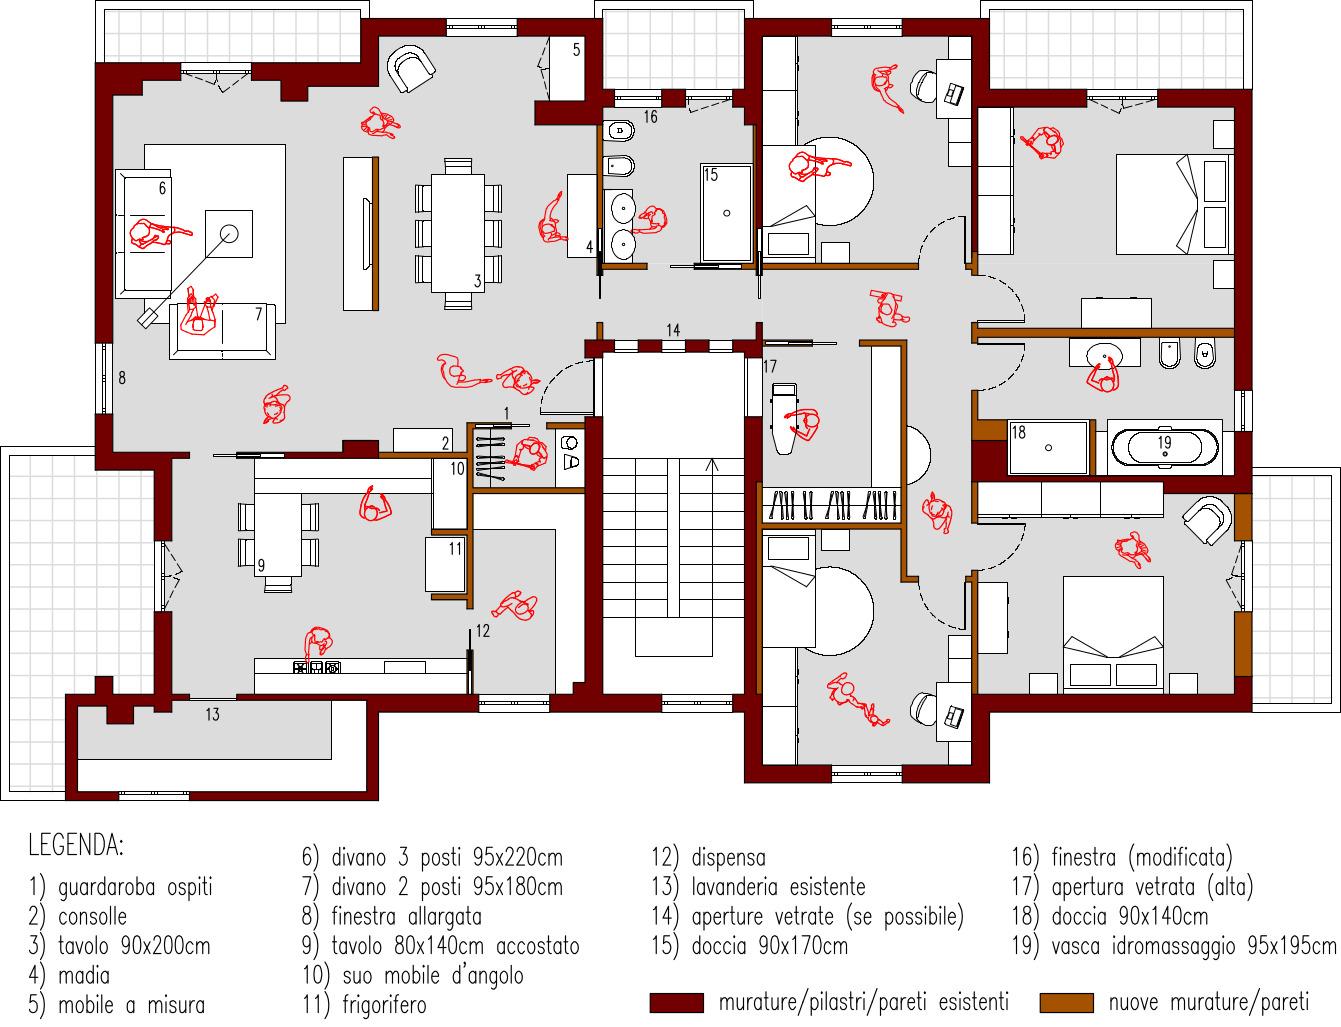 Progetto 190 mq architettura a domicilio - Progetto bagno 2 mq ...